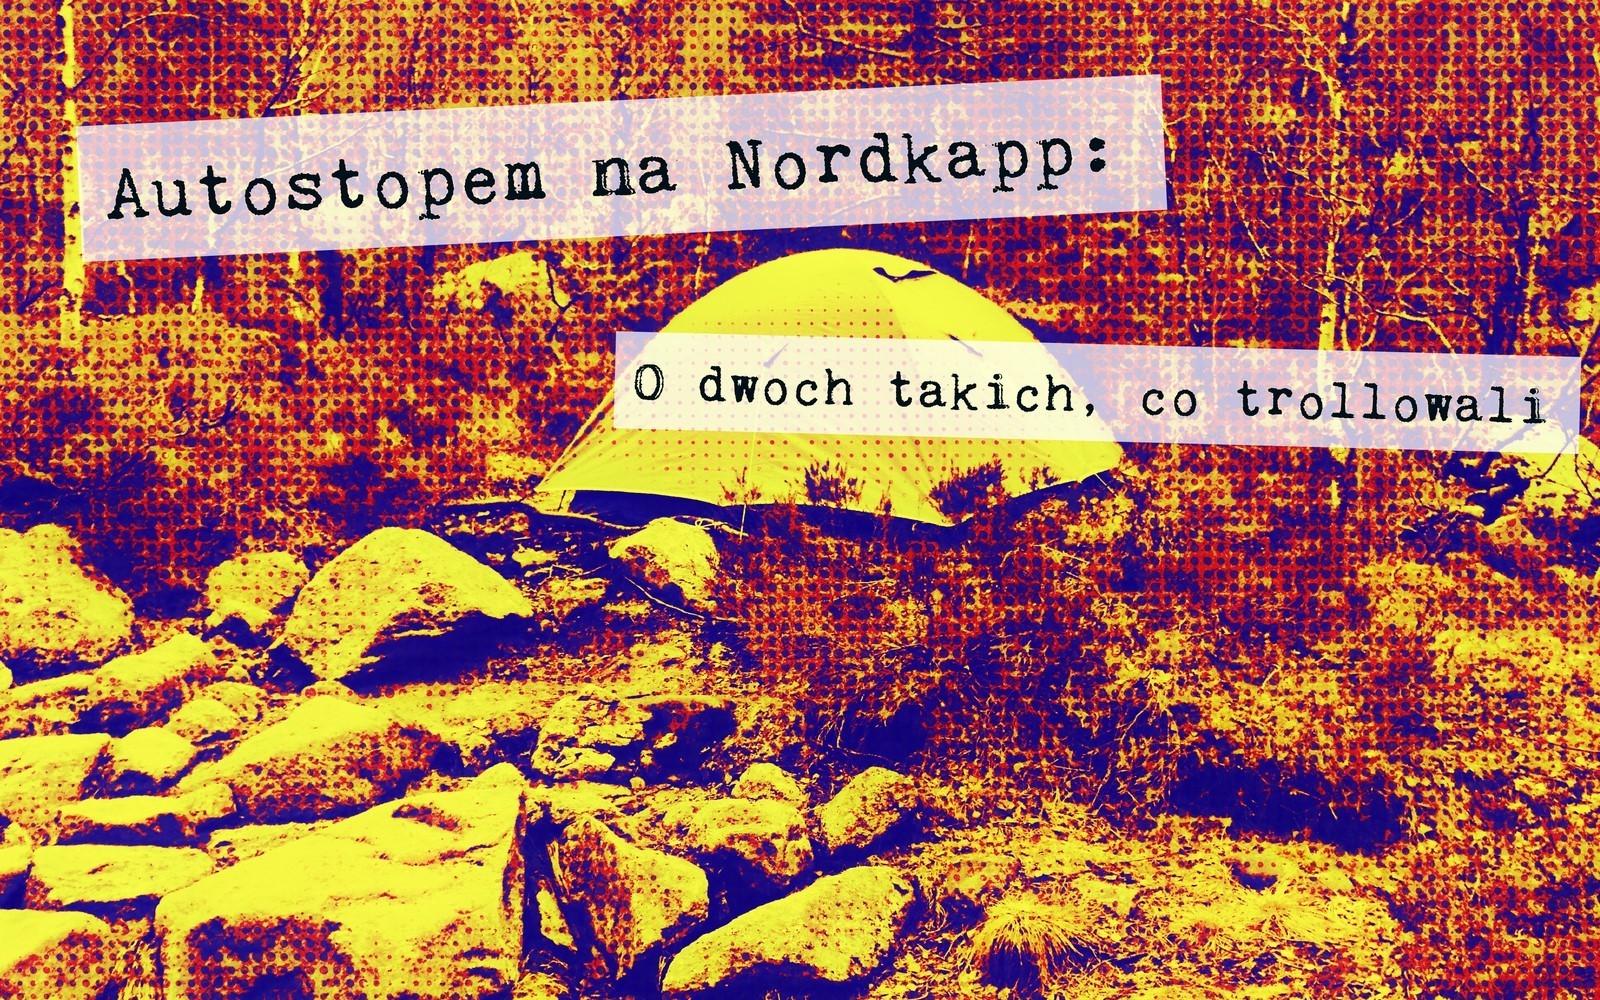 Autostopem na Nordkapp: O dwóch takich, co trollowali